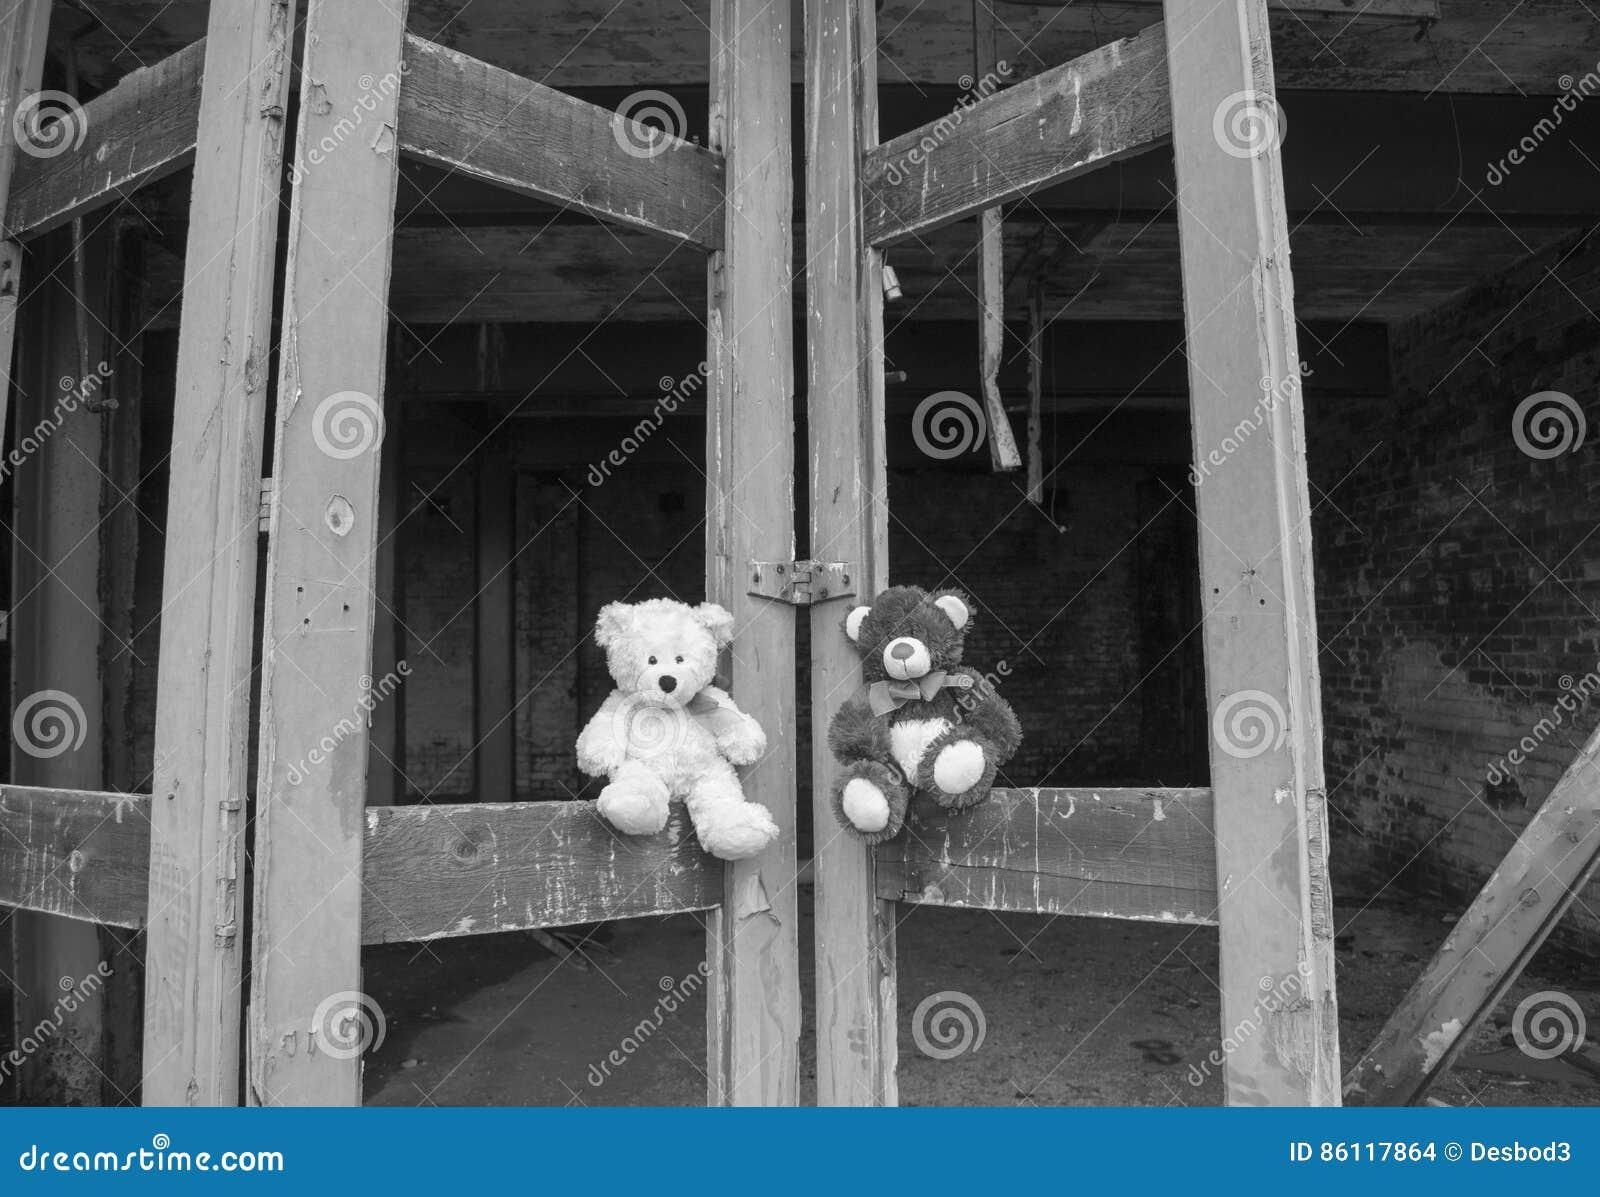 Negro y blanco de Teddy Bears Sitting On Derelict Fie Station Bay Doors In